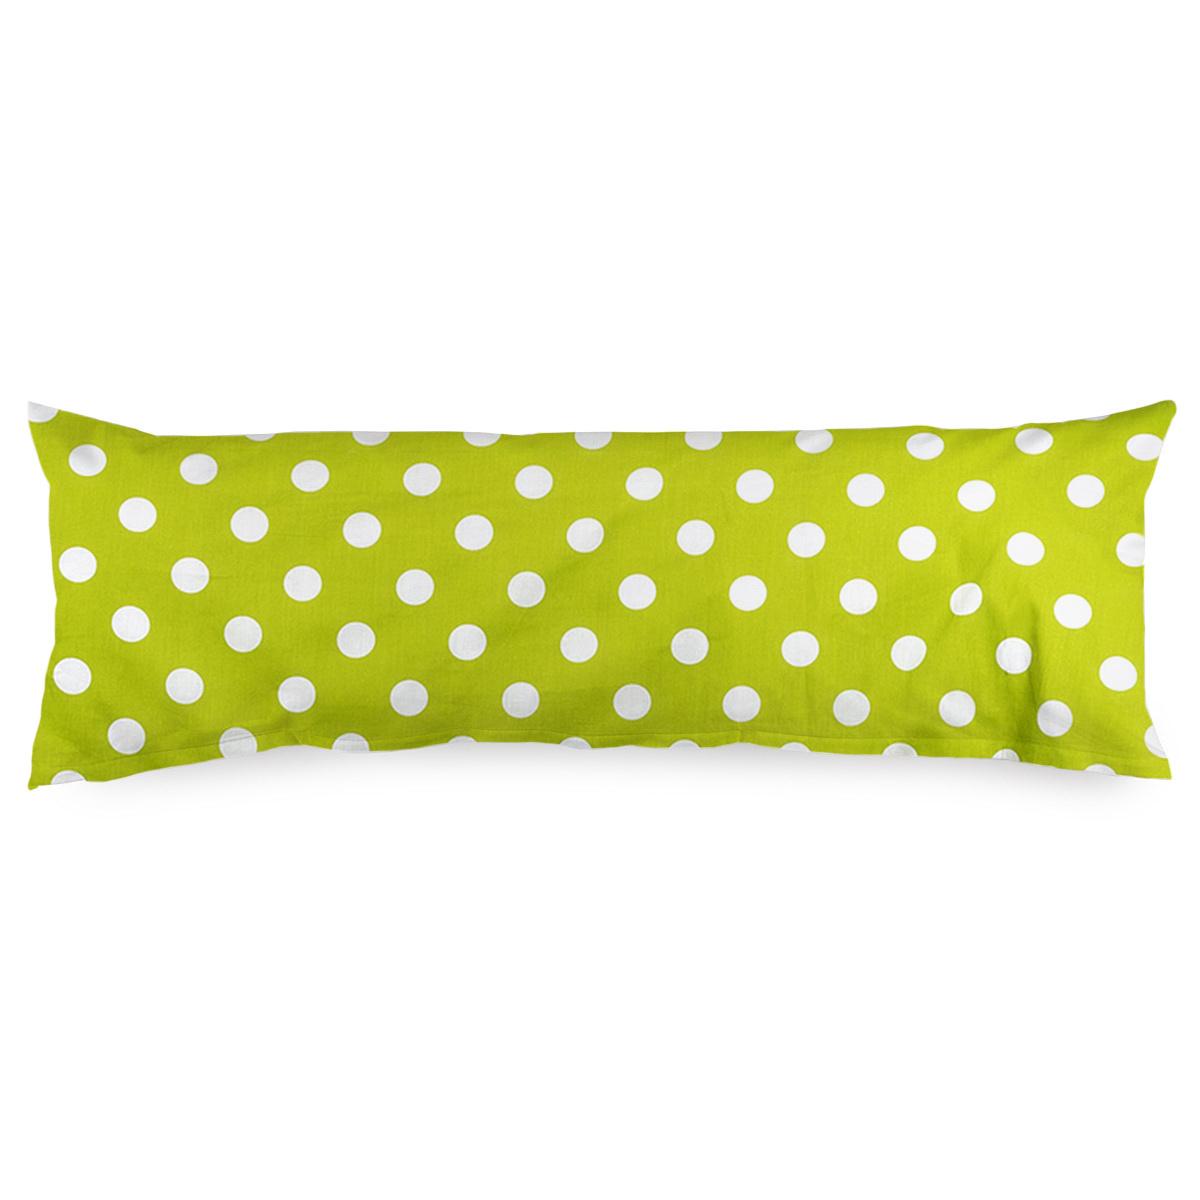 4Home Povlak na Relaxační polštář Náhradní manžel Zelený puntík, 50 x 150 cm